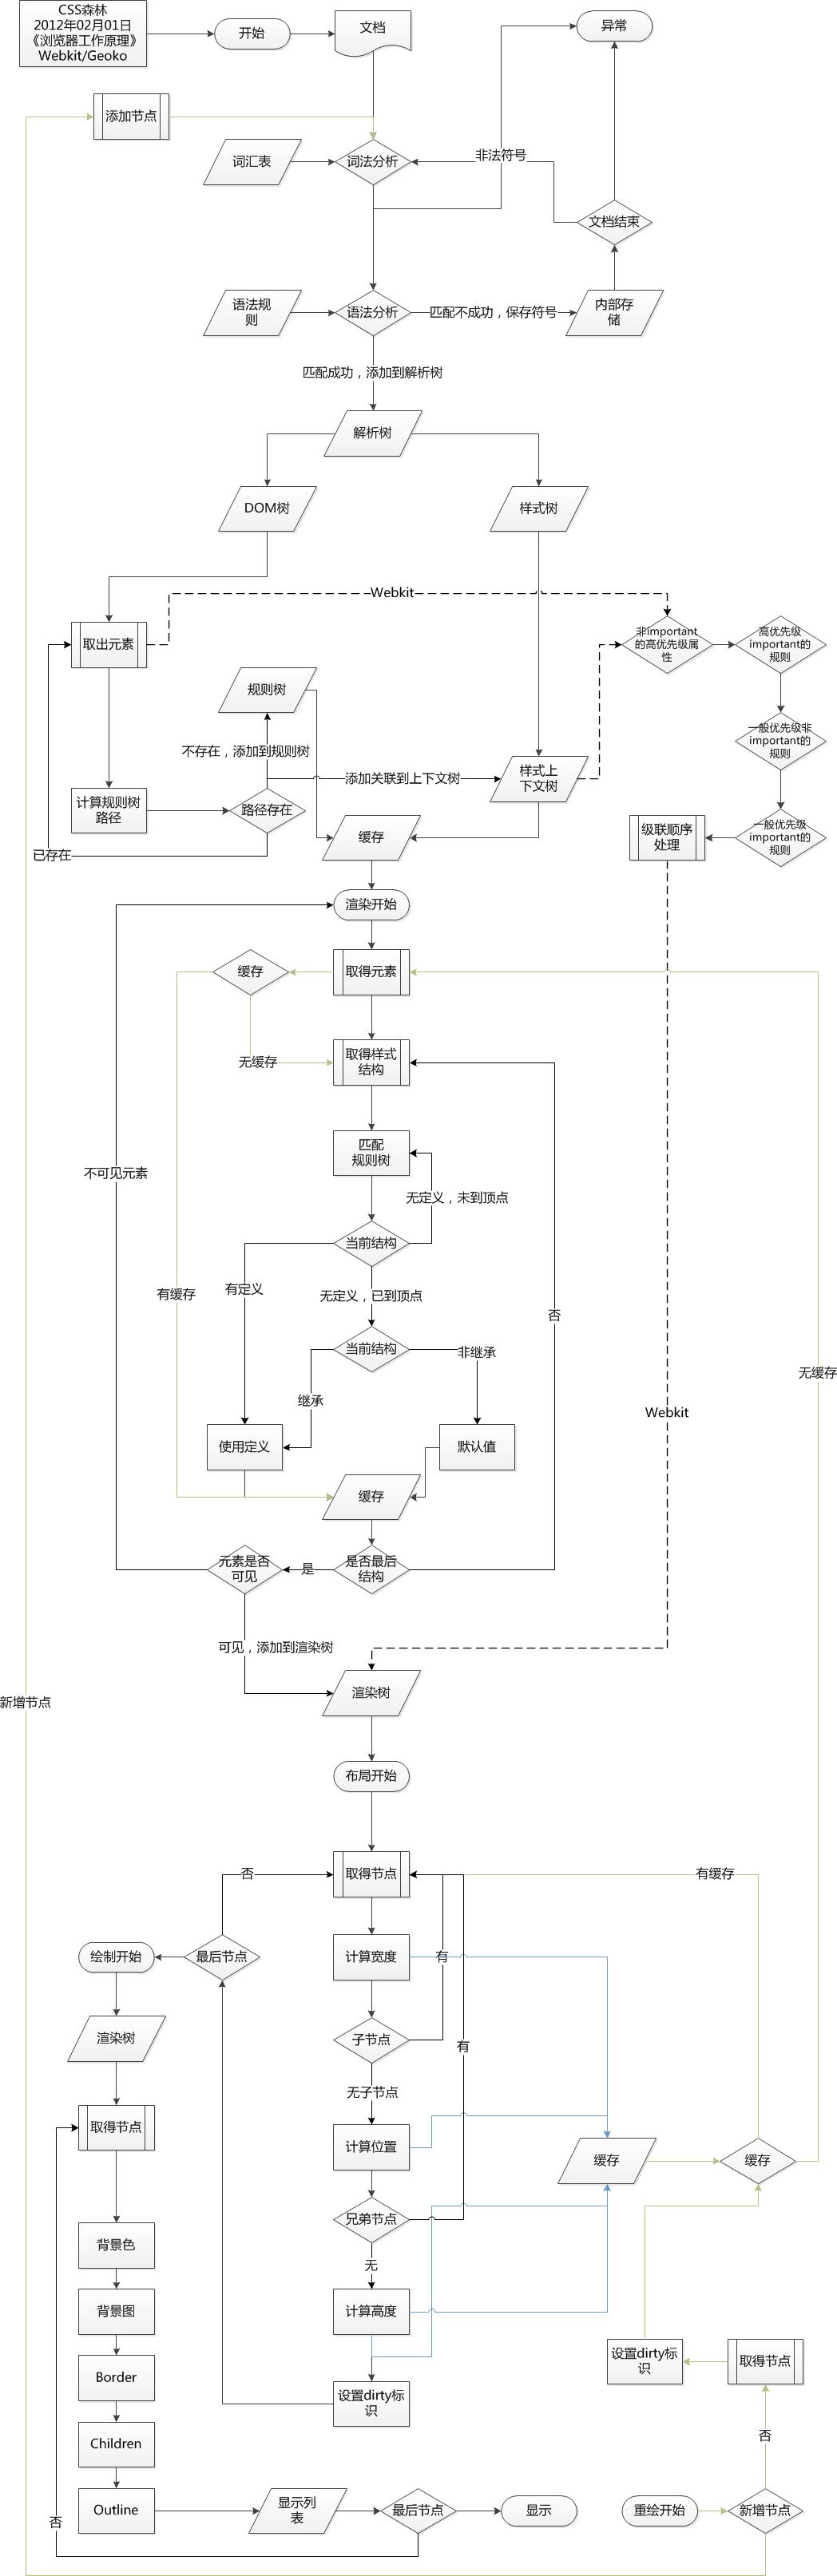 浏览器工作原理(Webkit,Geoko)